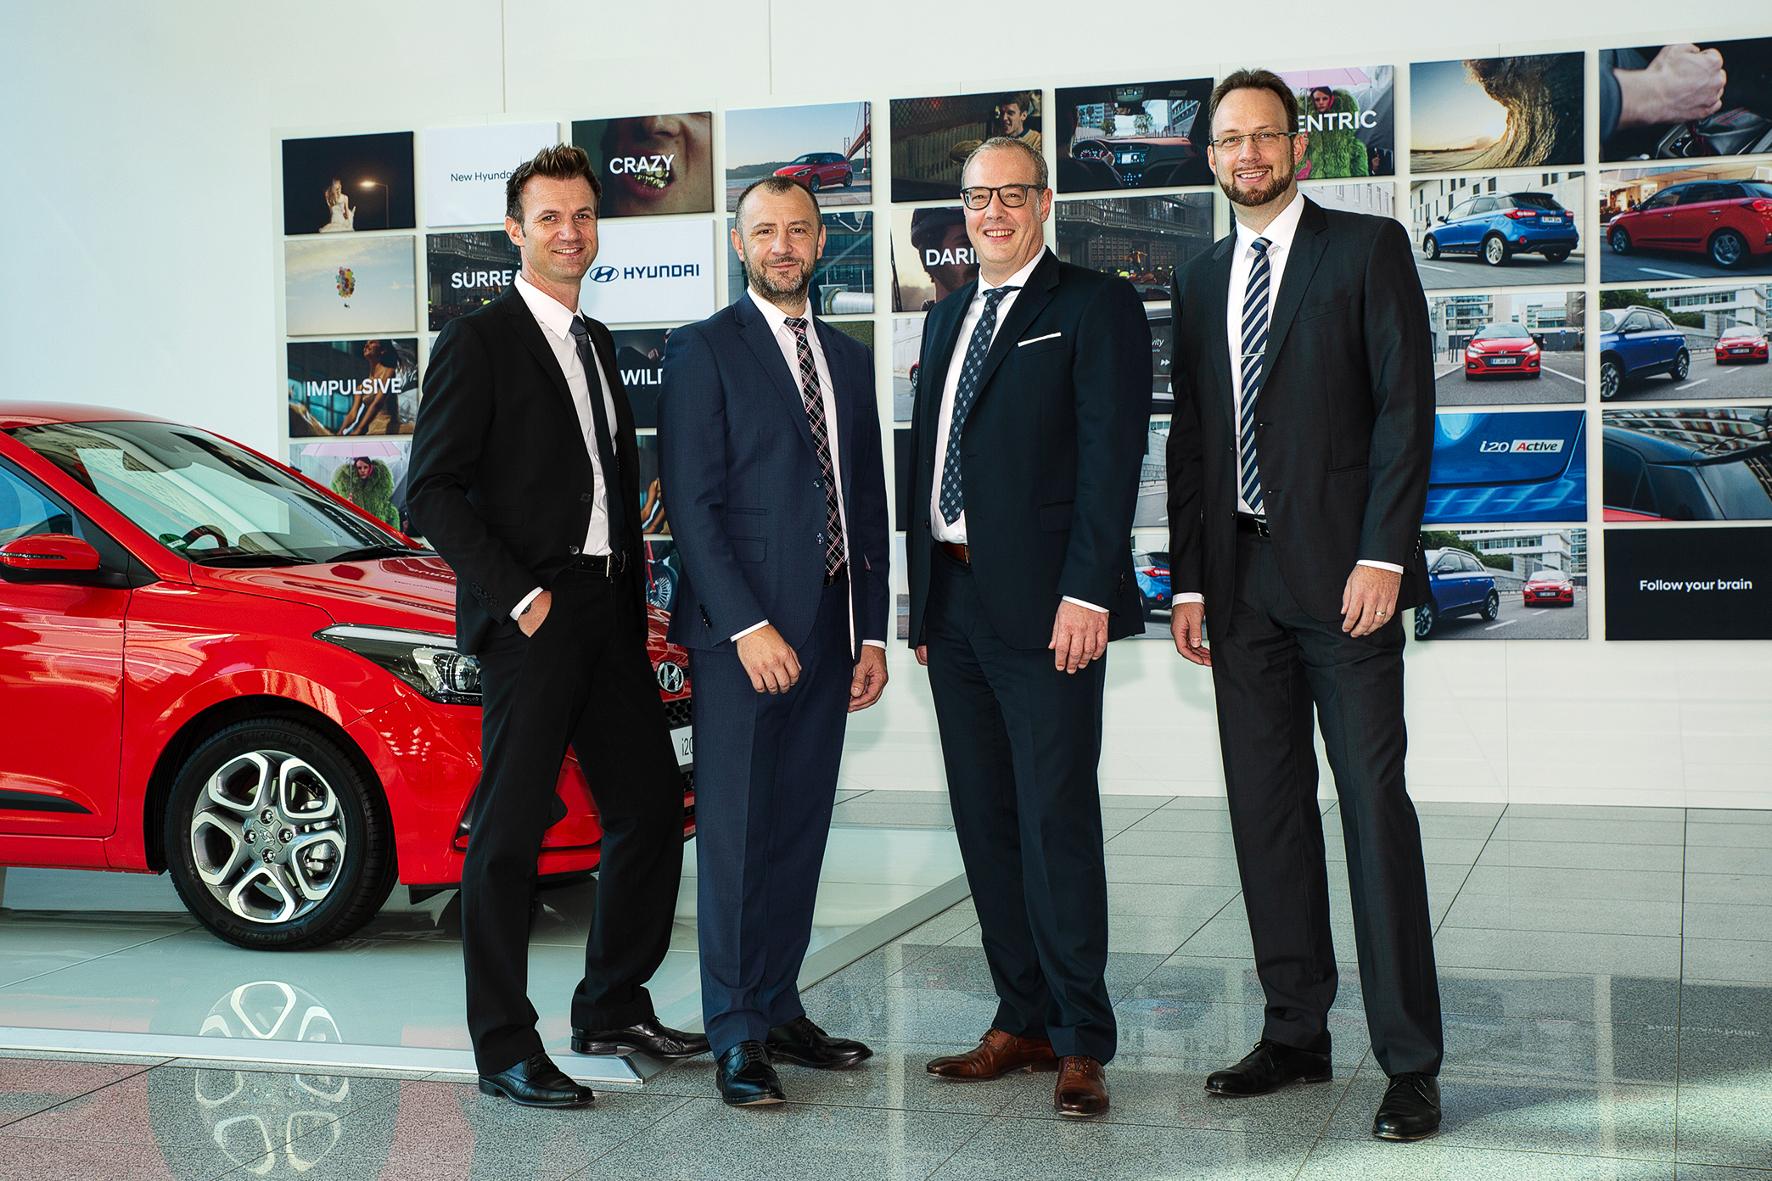 mid Groß-Gerau - Ein starkes Team, wenn es um Gebrauchtwagen geht: Hyundai und die Dekra Automotive Solutions GmbH. Hyundai